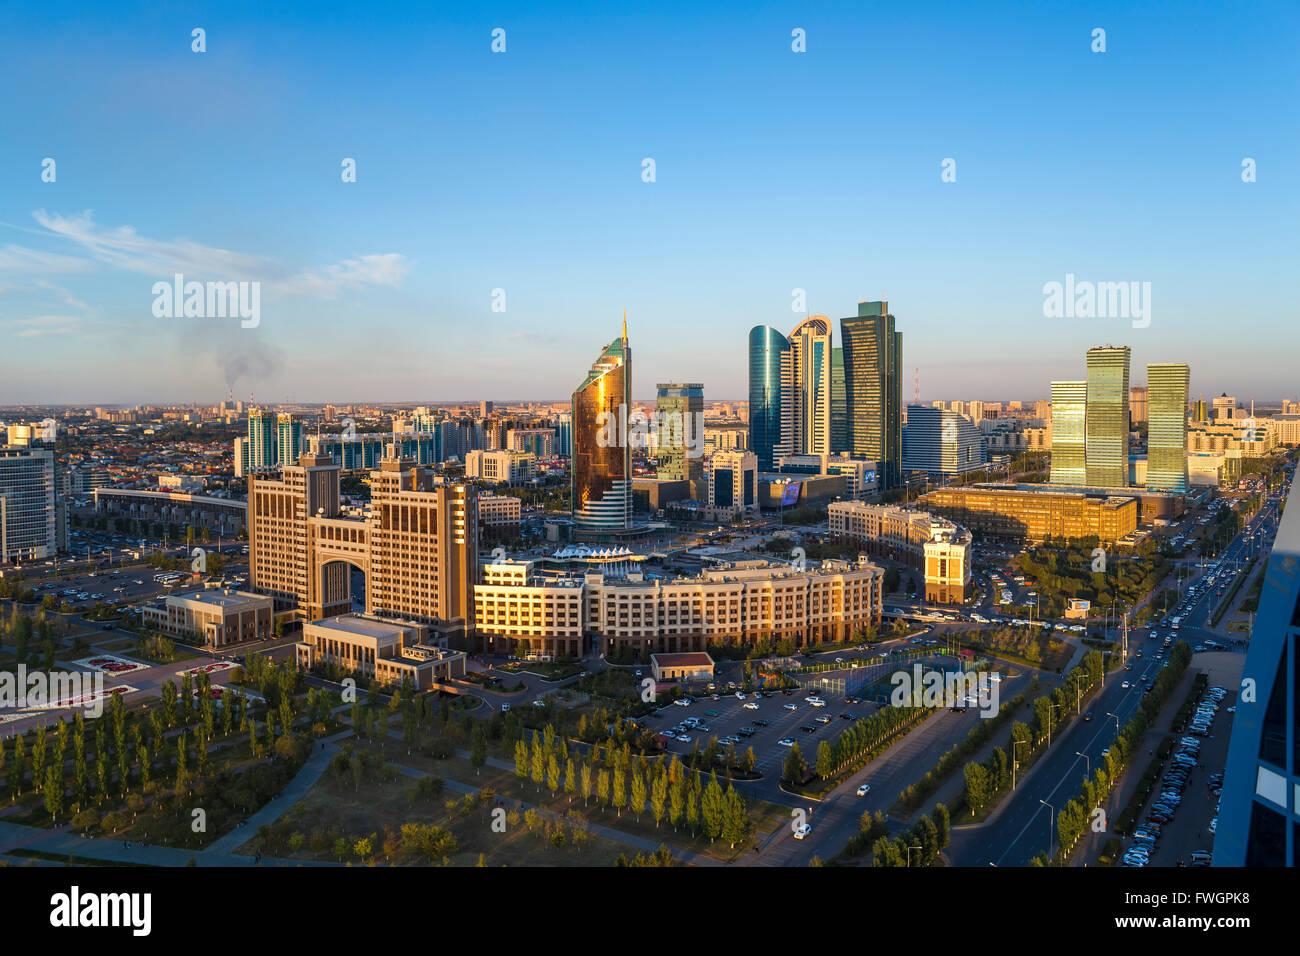 Das Stadtzentrum und zentraler Geschäftsbezirk, Astana, Kasachstan, Zentralasien Stockbild